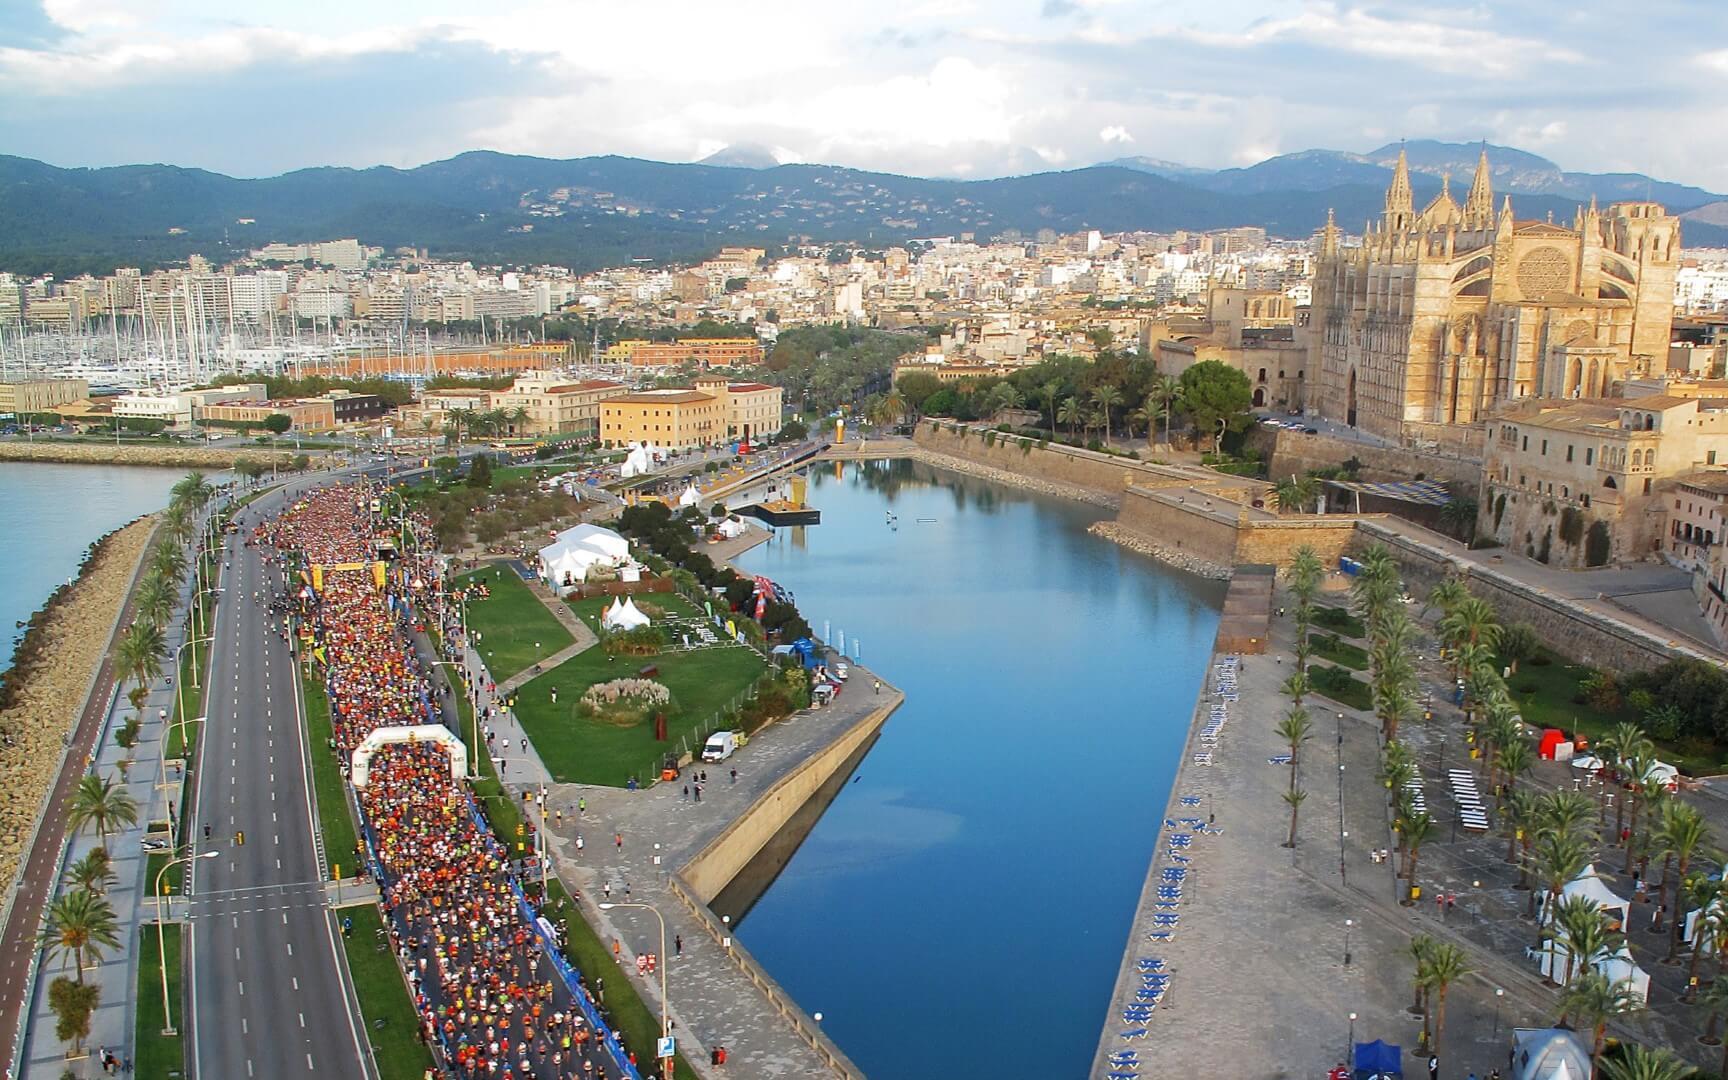 Maratón de Palma de Mallorca. Vista aérea